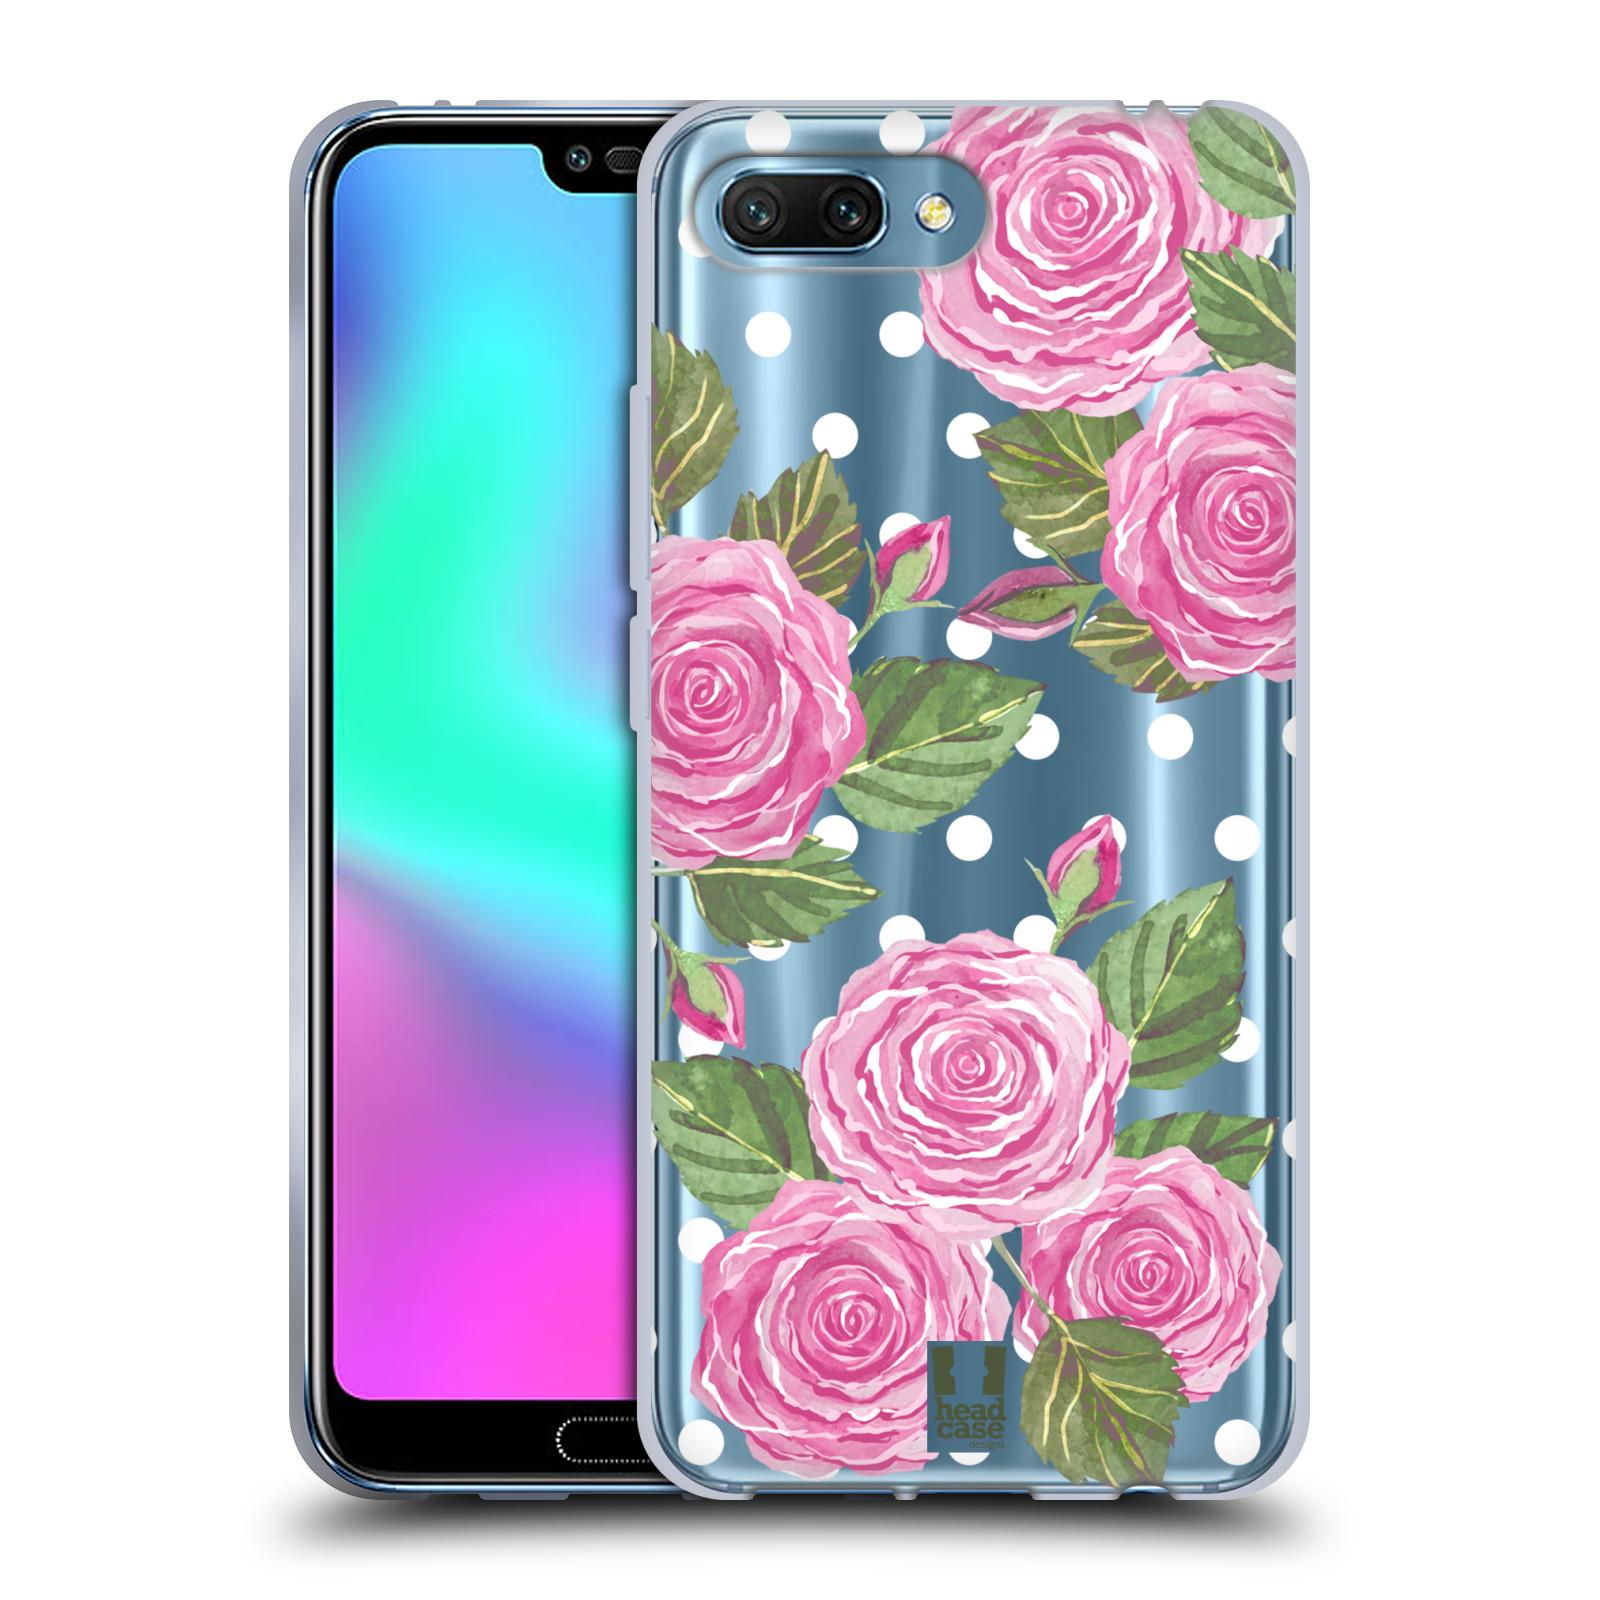 Silikonové pouzdro na mobil Honor 10 - Head Case - Hezoučké růžičky - průhledné